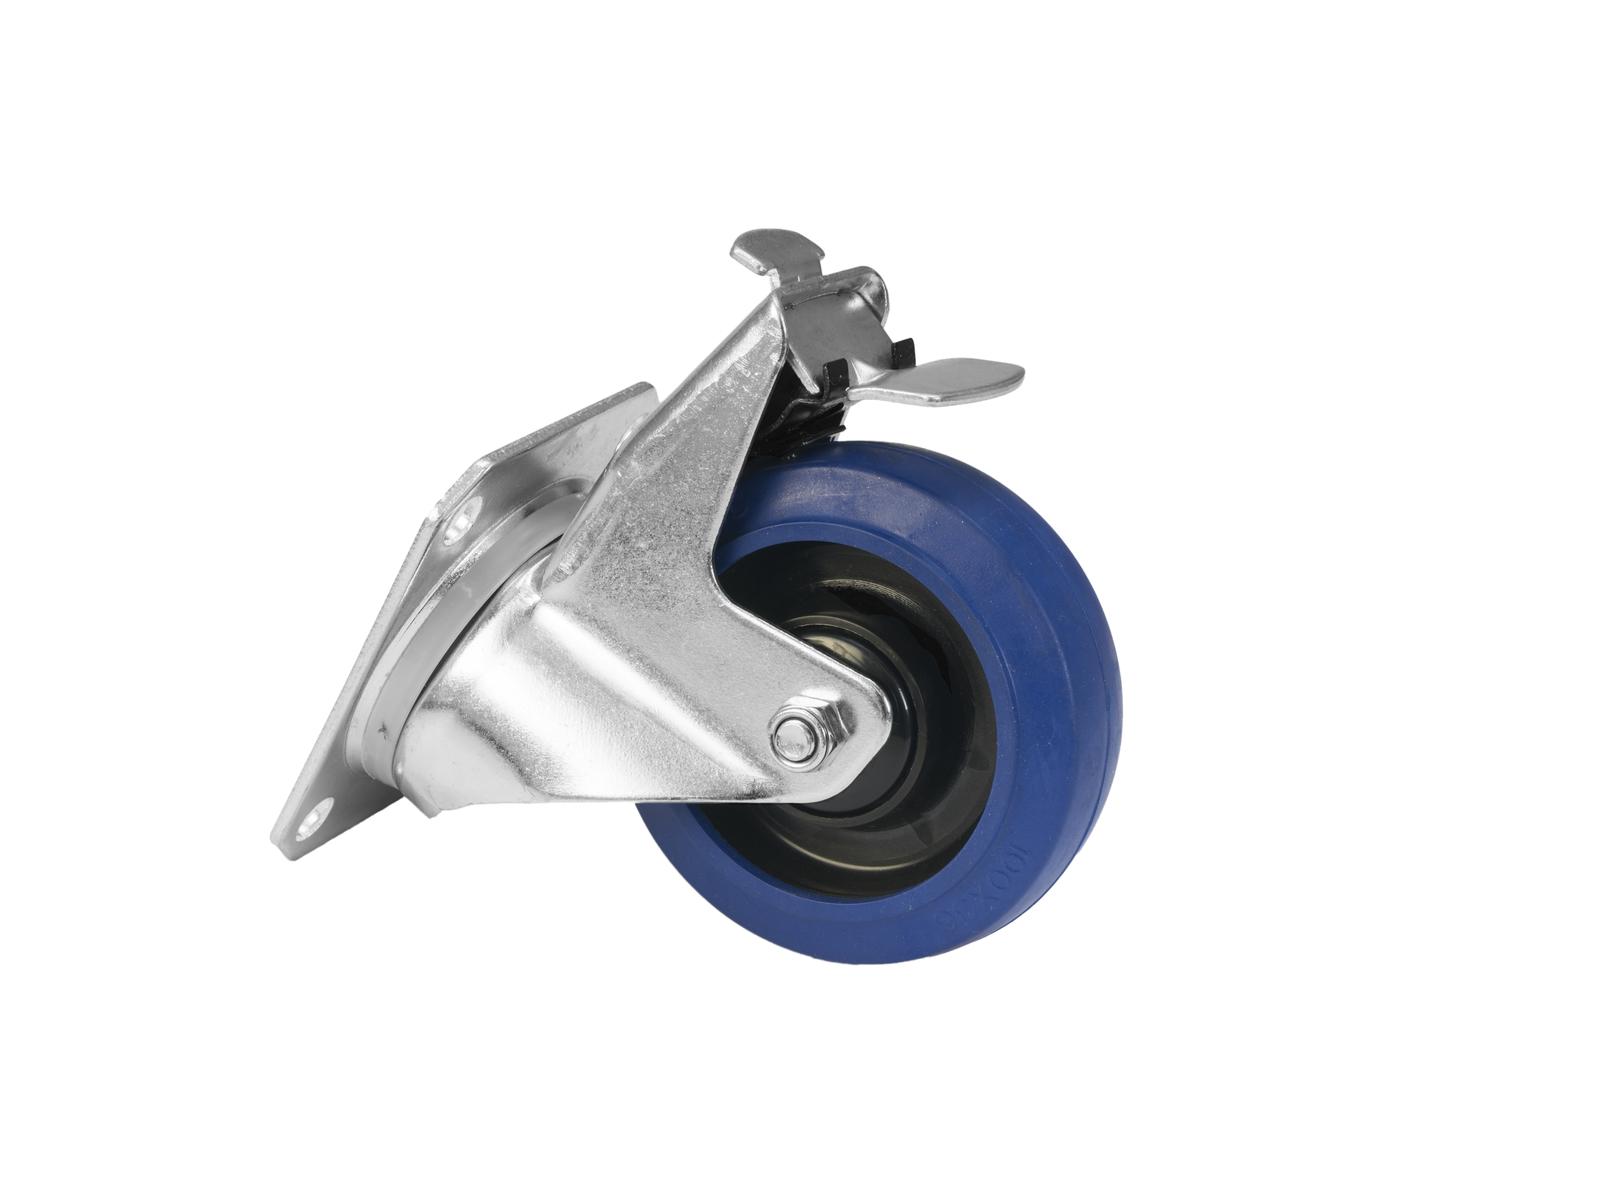 ROADINGER Lenkrolle RD-100B 100mm blau mit Bremse